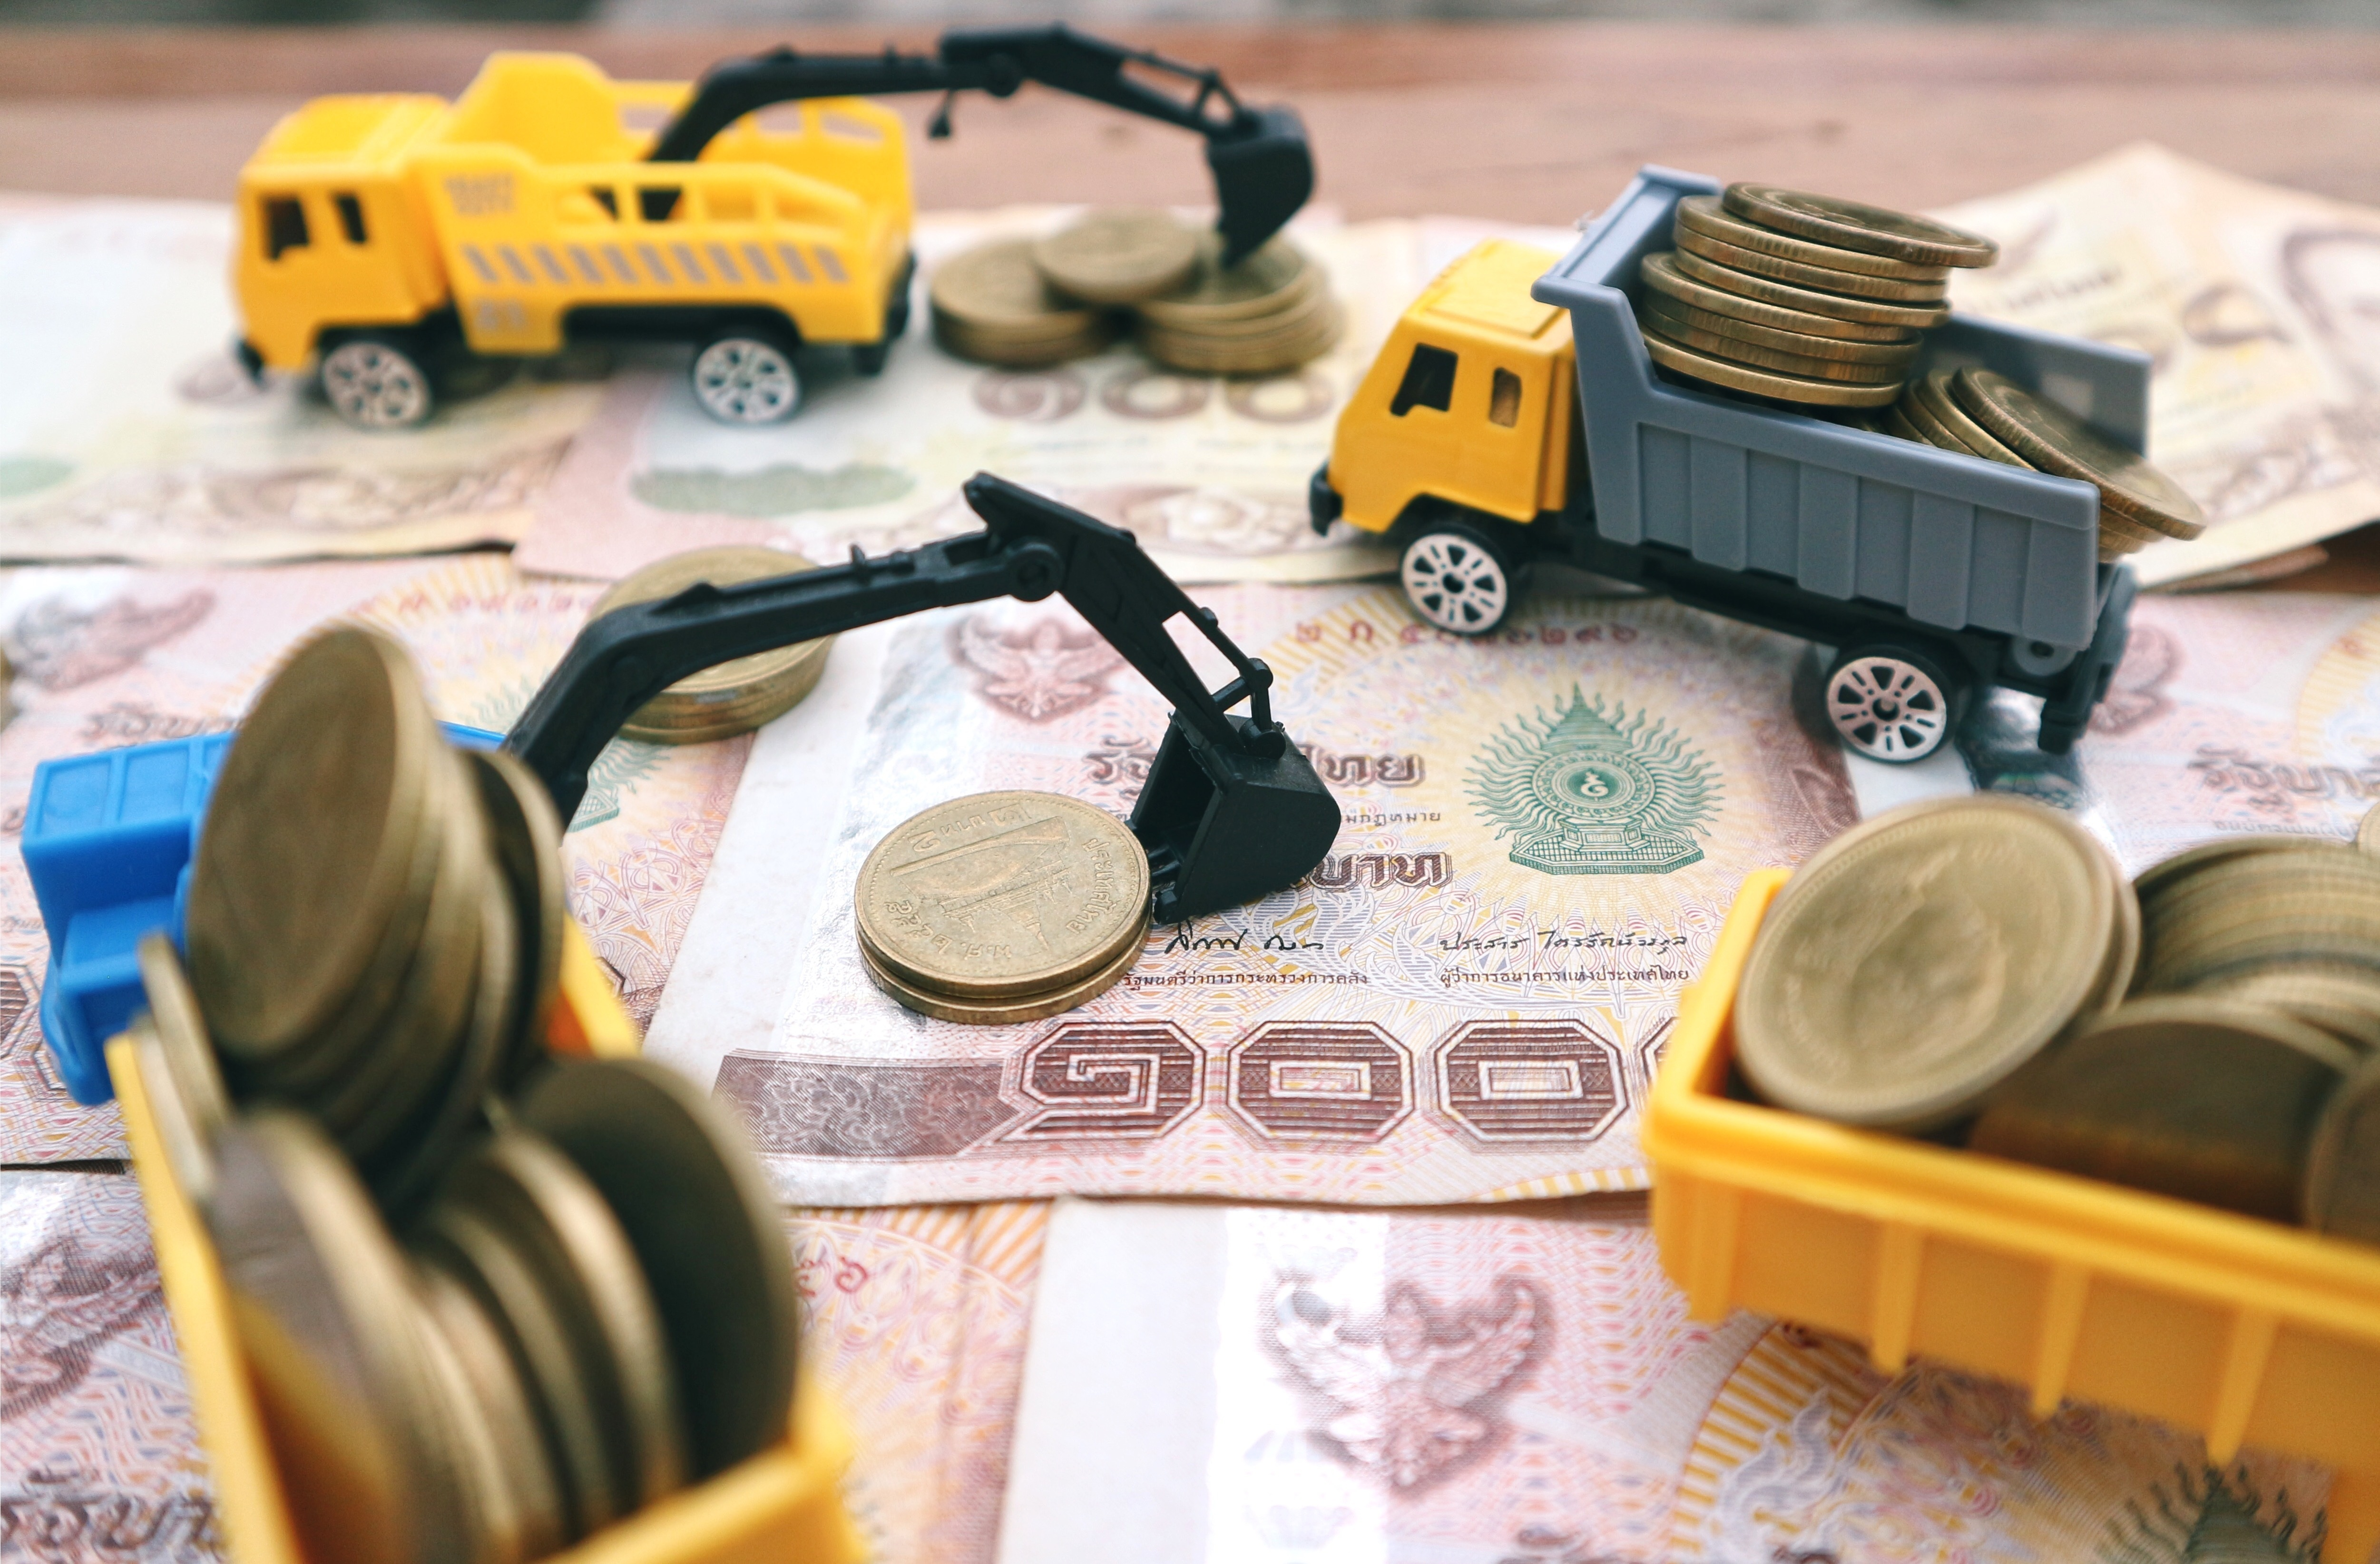 Economy to continue upturn in 2018 - TDRI: Thailand Development